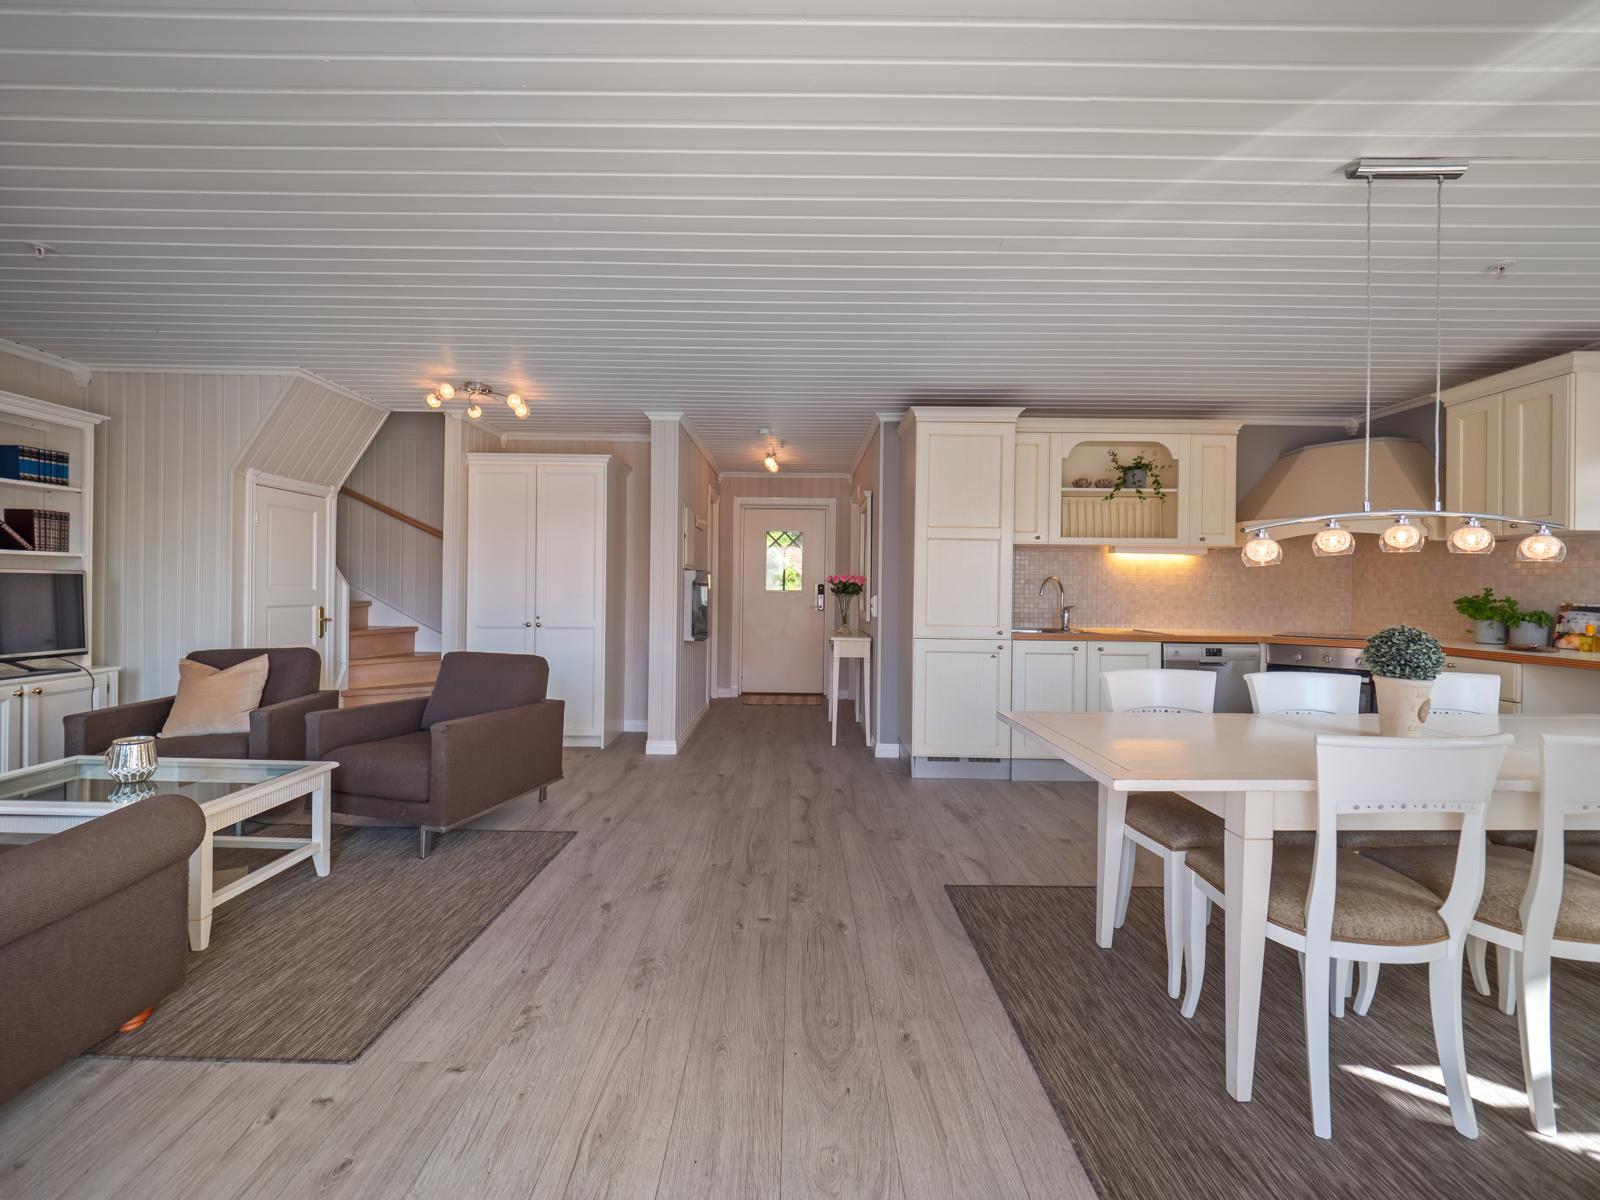 Hytta overleveres ny eier møblert og utstyrt